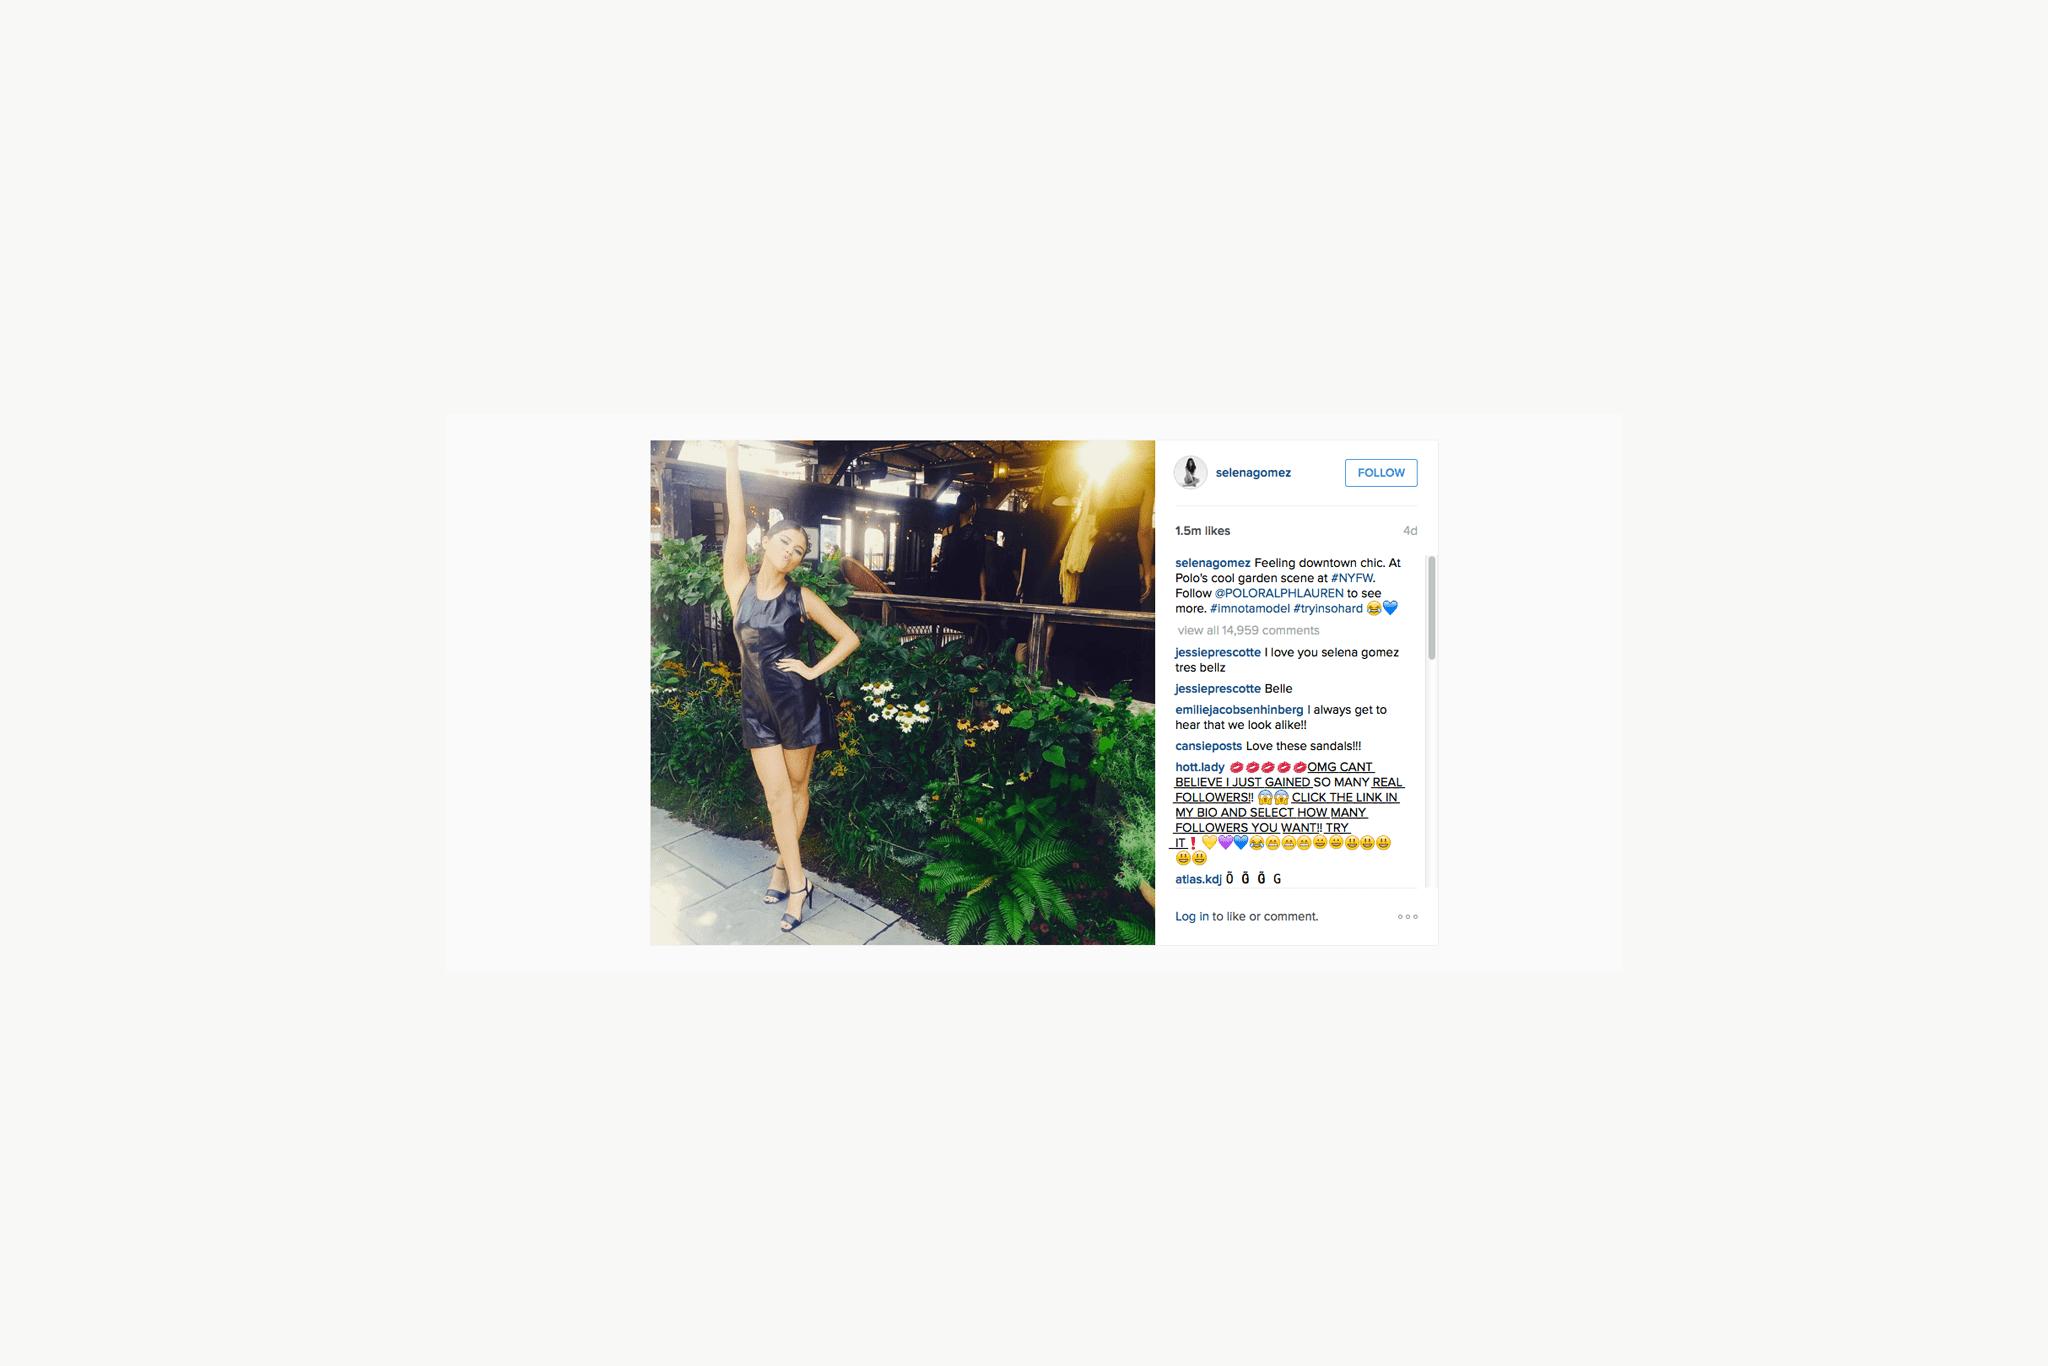 Selena Gomez's Instagram